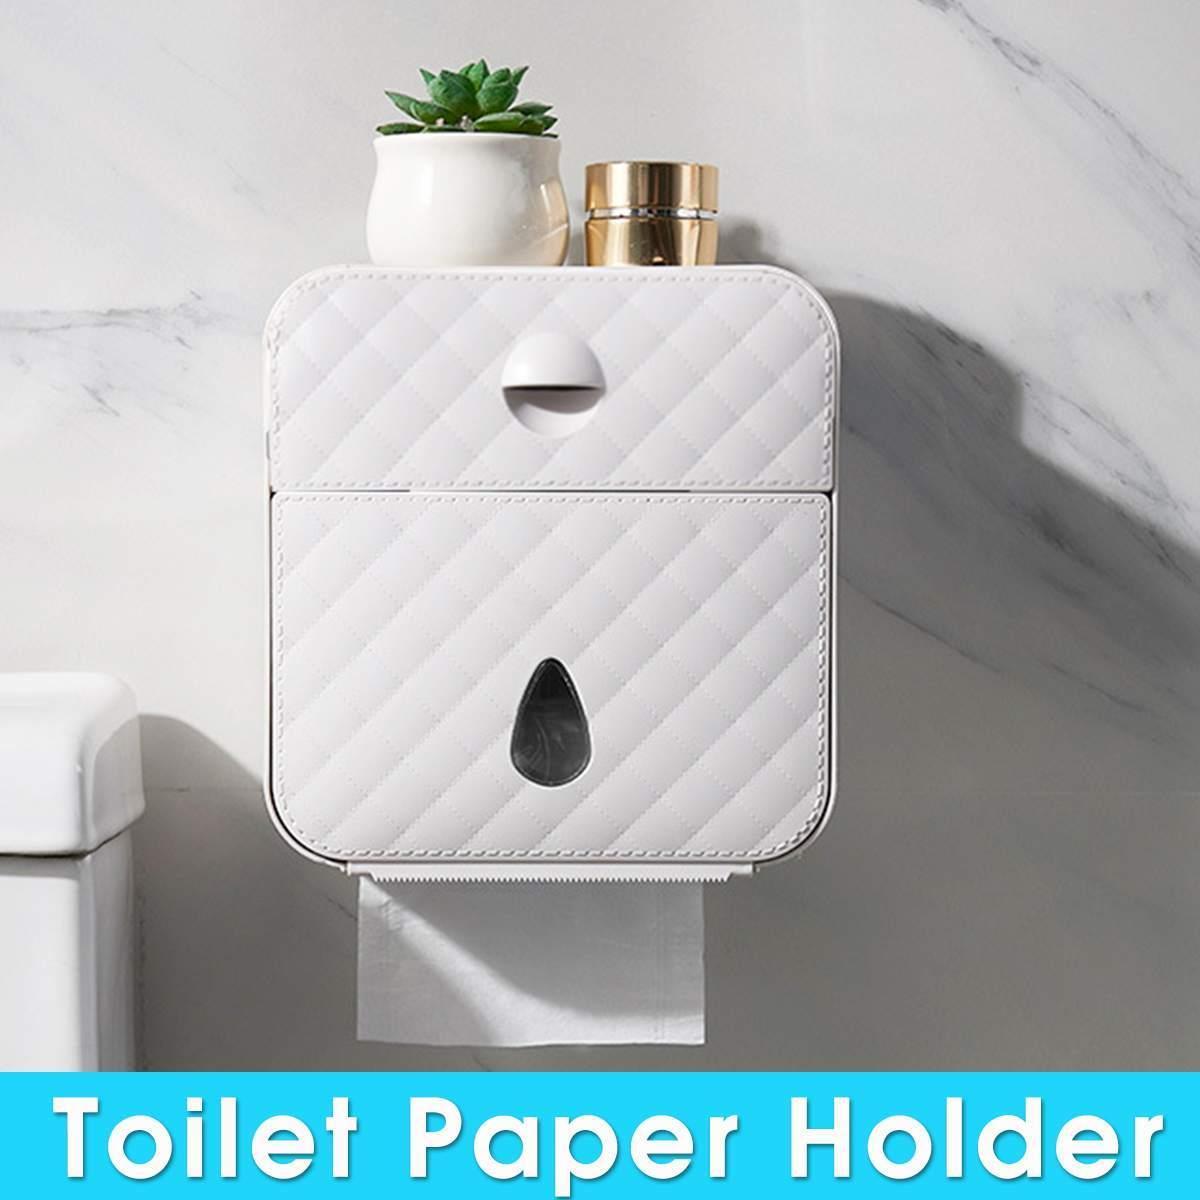 주방 욕실 화장실 롤 홀더 종이 케이스 스토리지 박스 T200107 광고 소재 화장지 홀더 방수 종이 타월 홀더